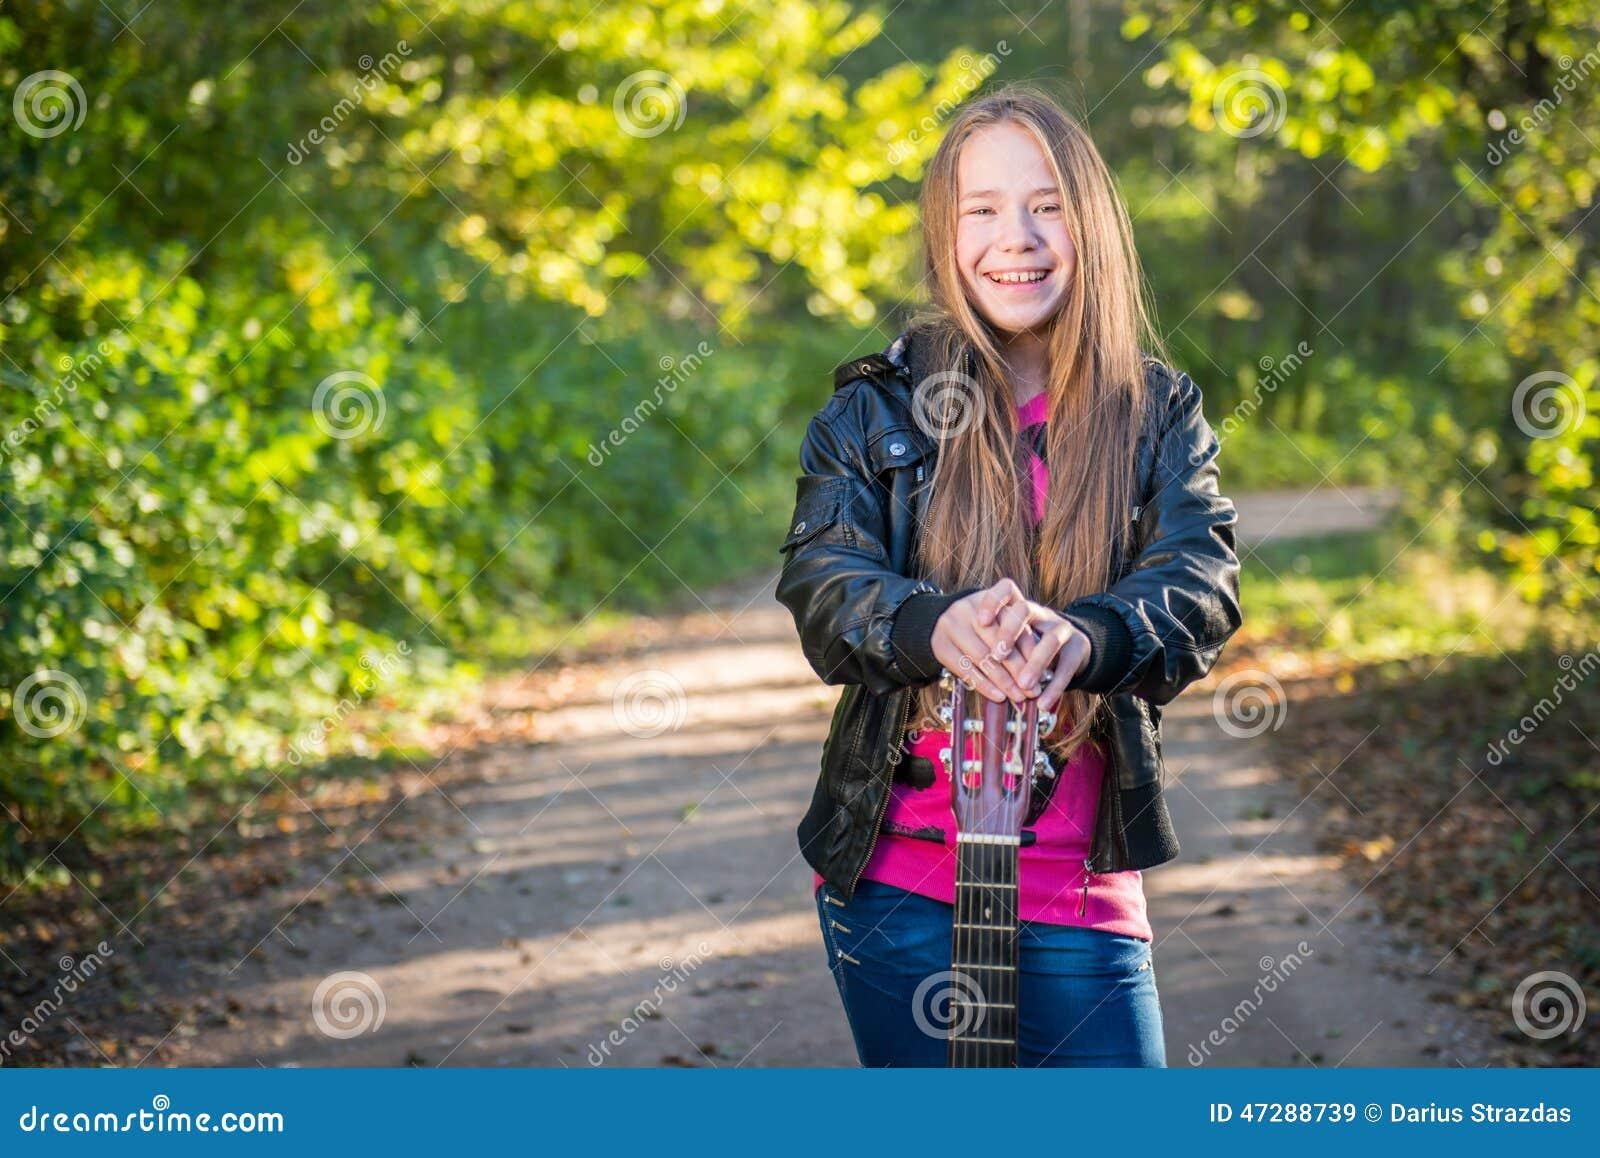 青少年长期女孩的头发图片